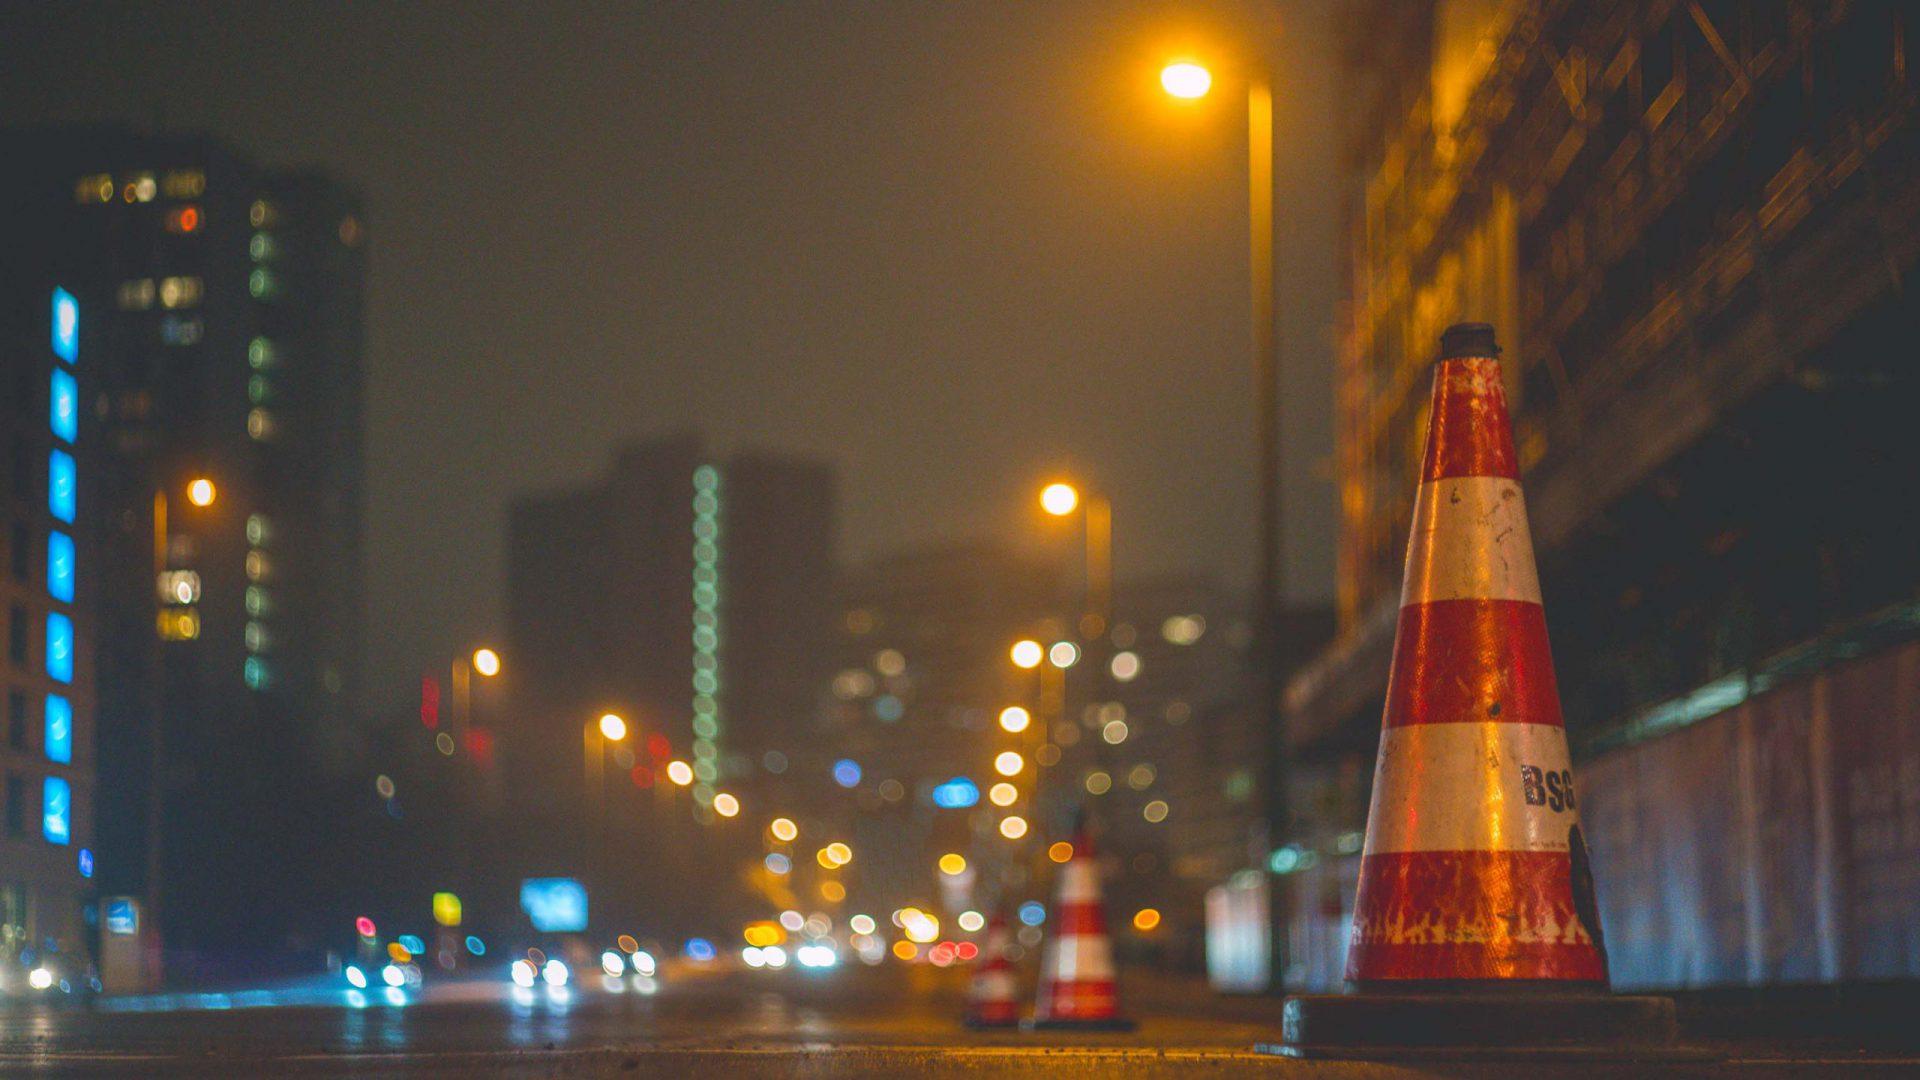 Veiligheid op de weg door C.A.R.S monitoring